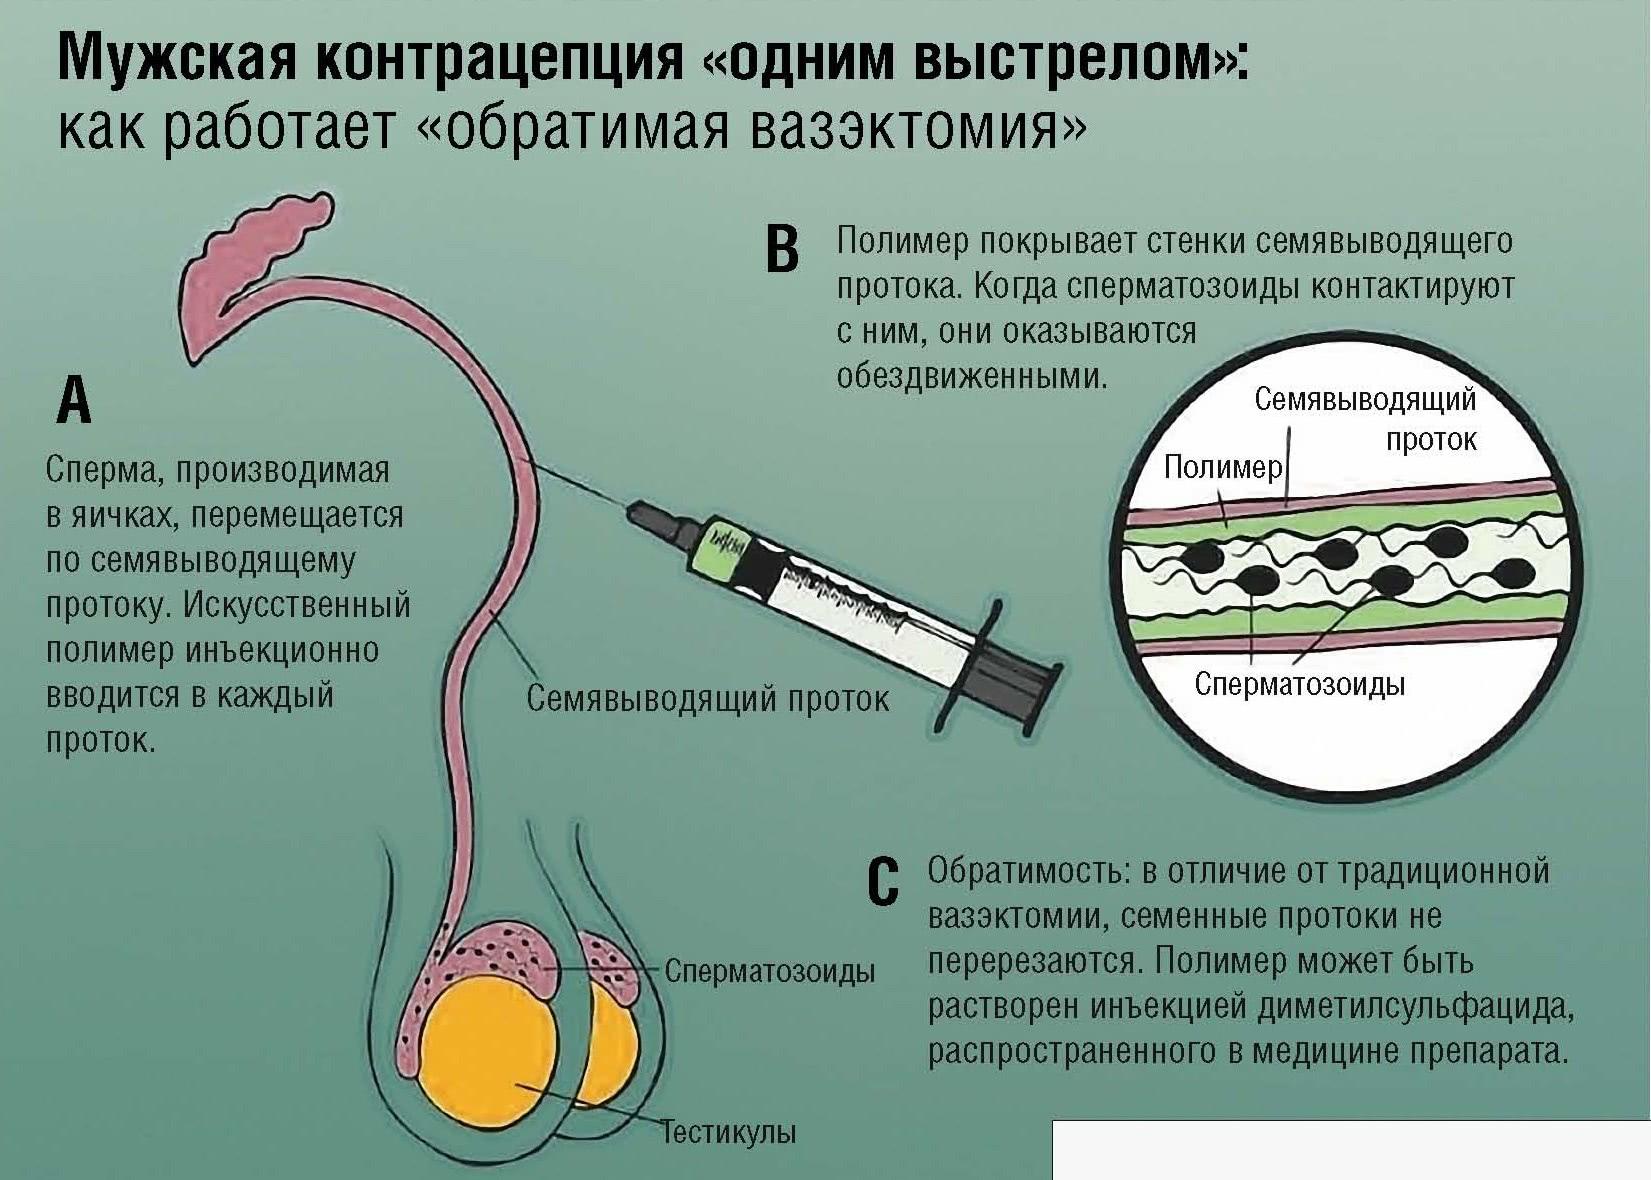 Восстановление спермы